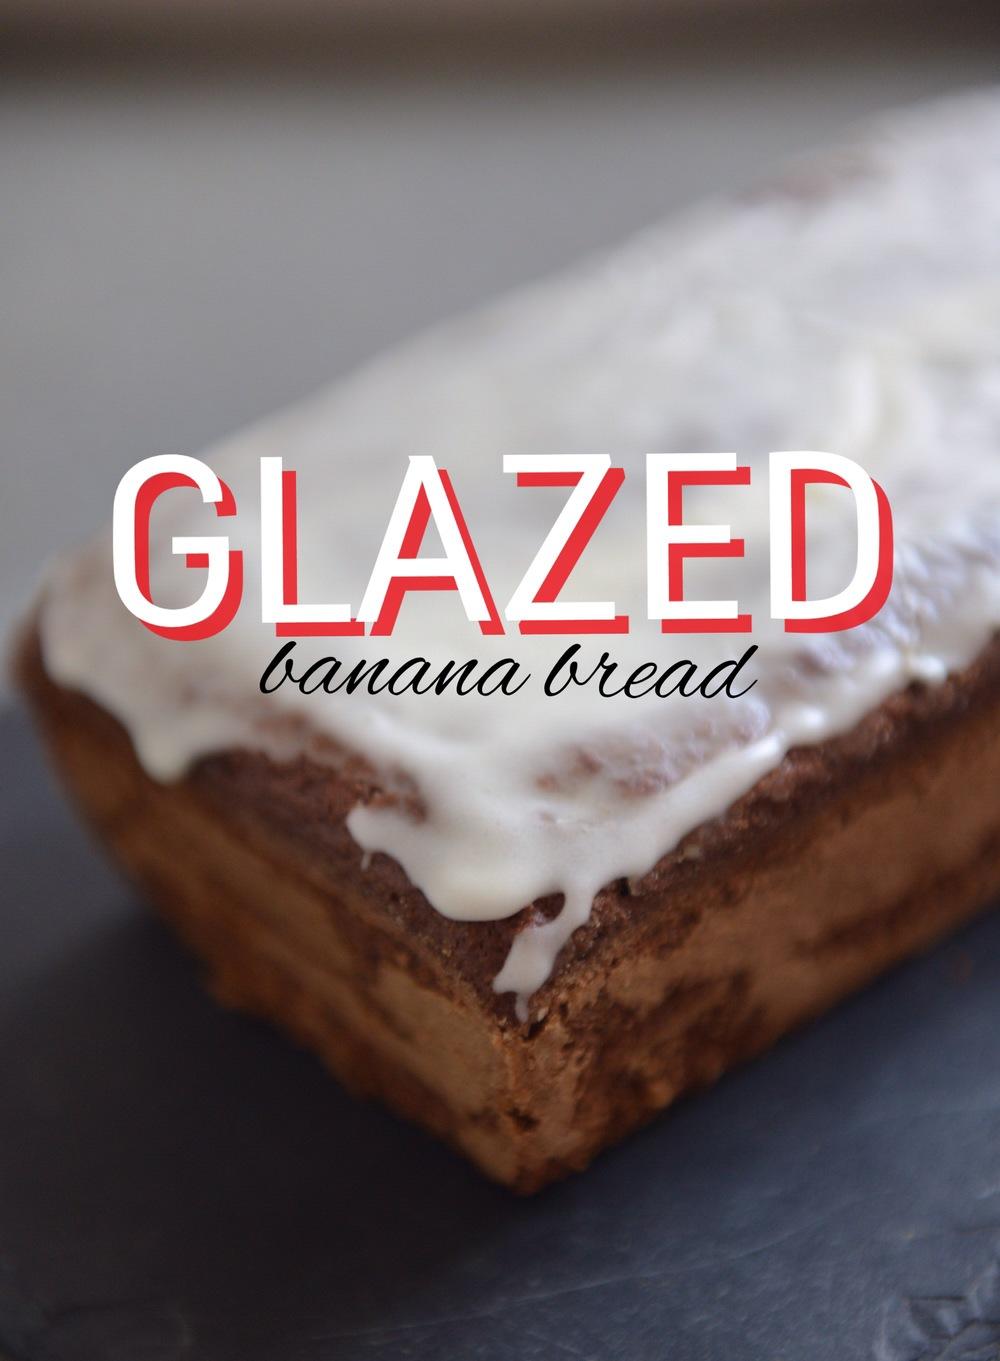 Glazed Banana Bread